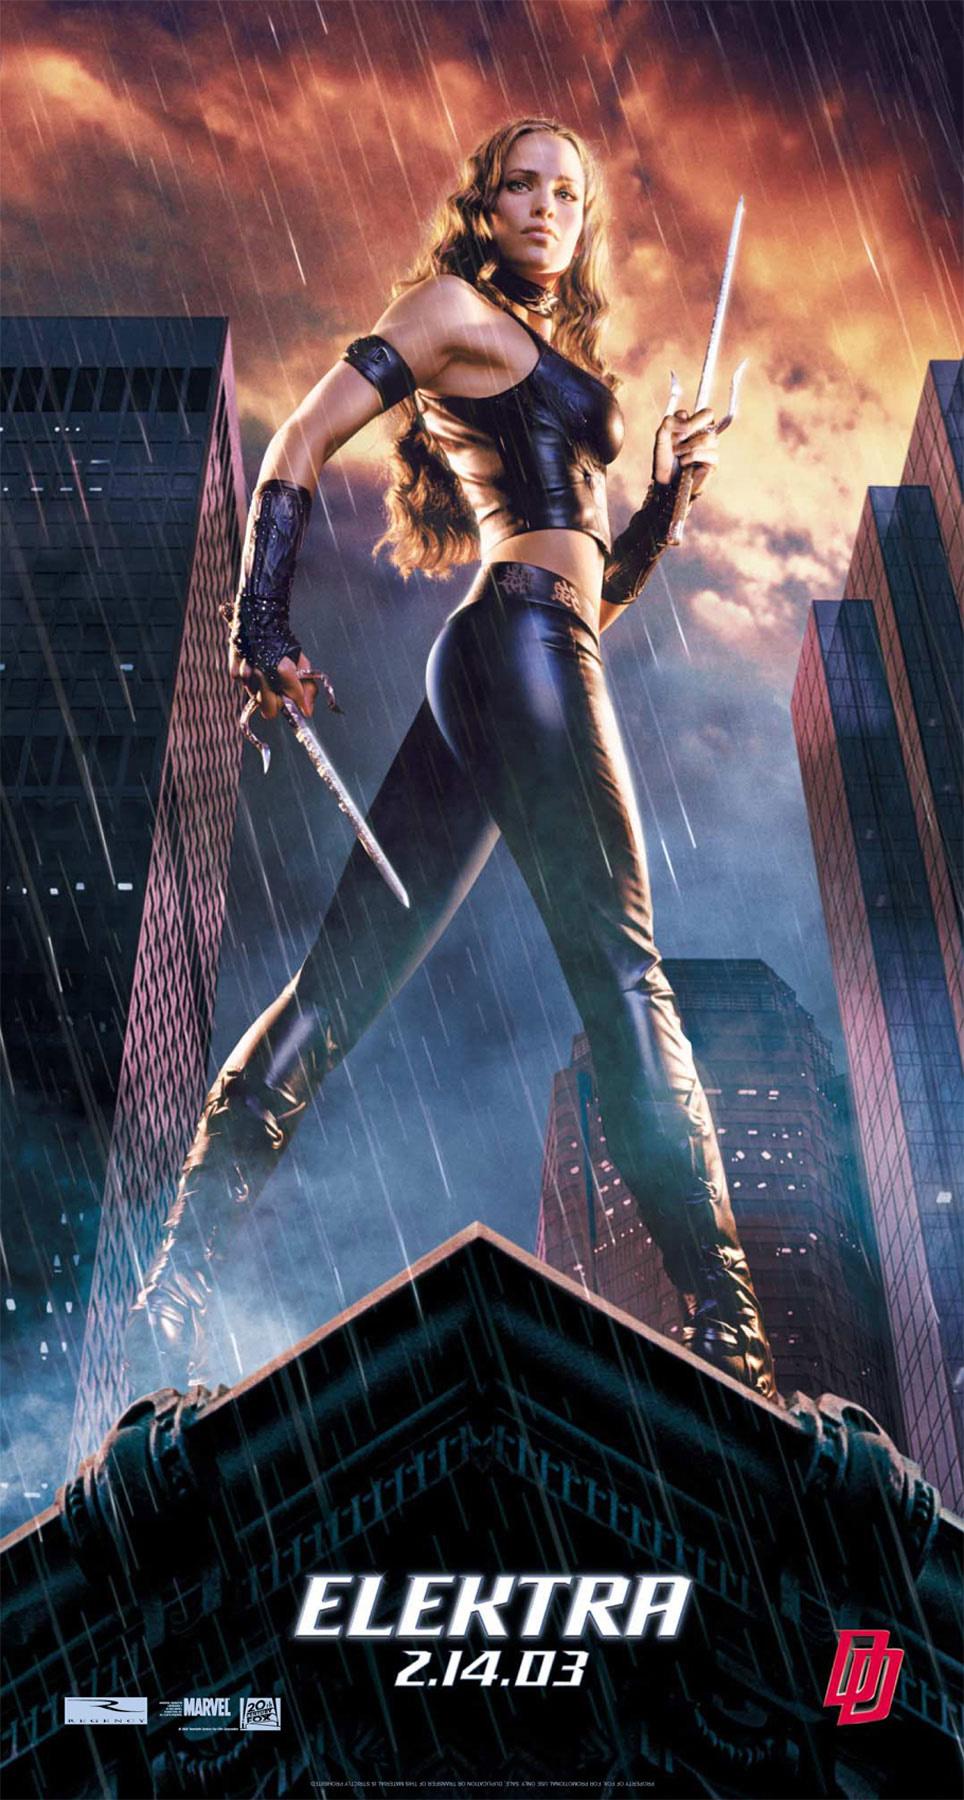 Elektra knight pics sex films